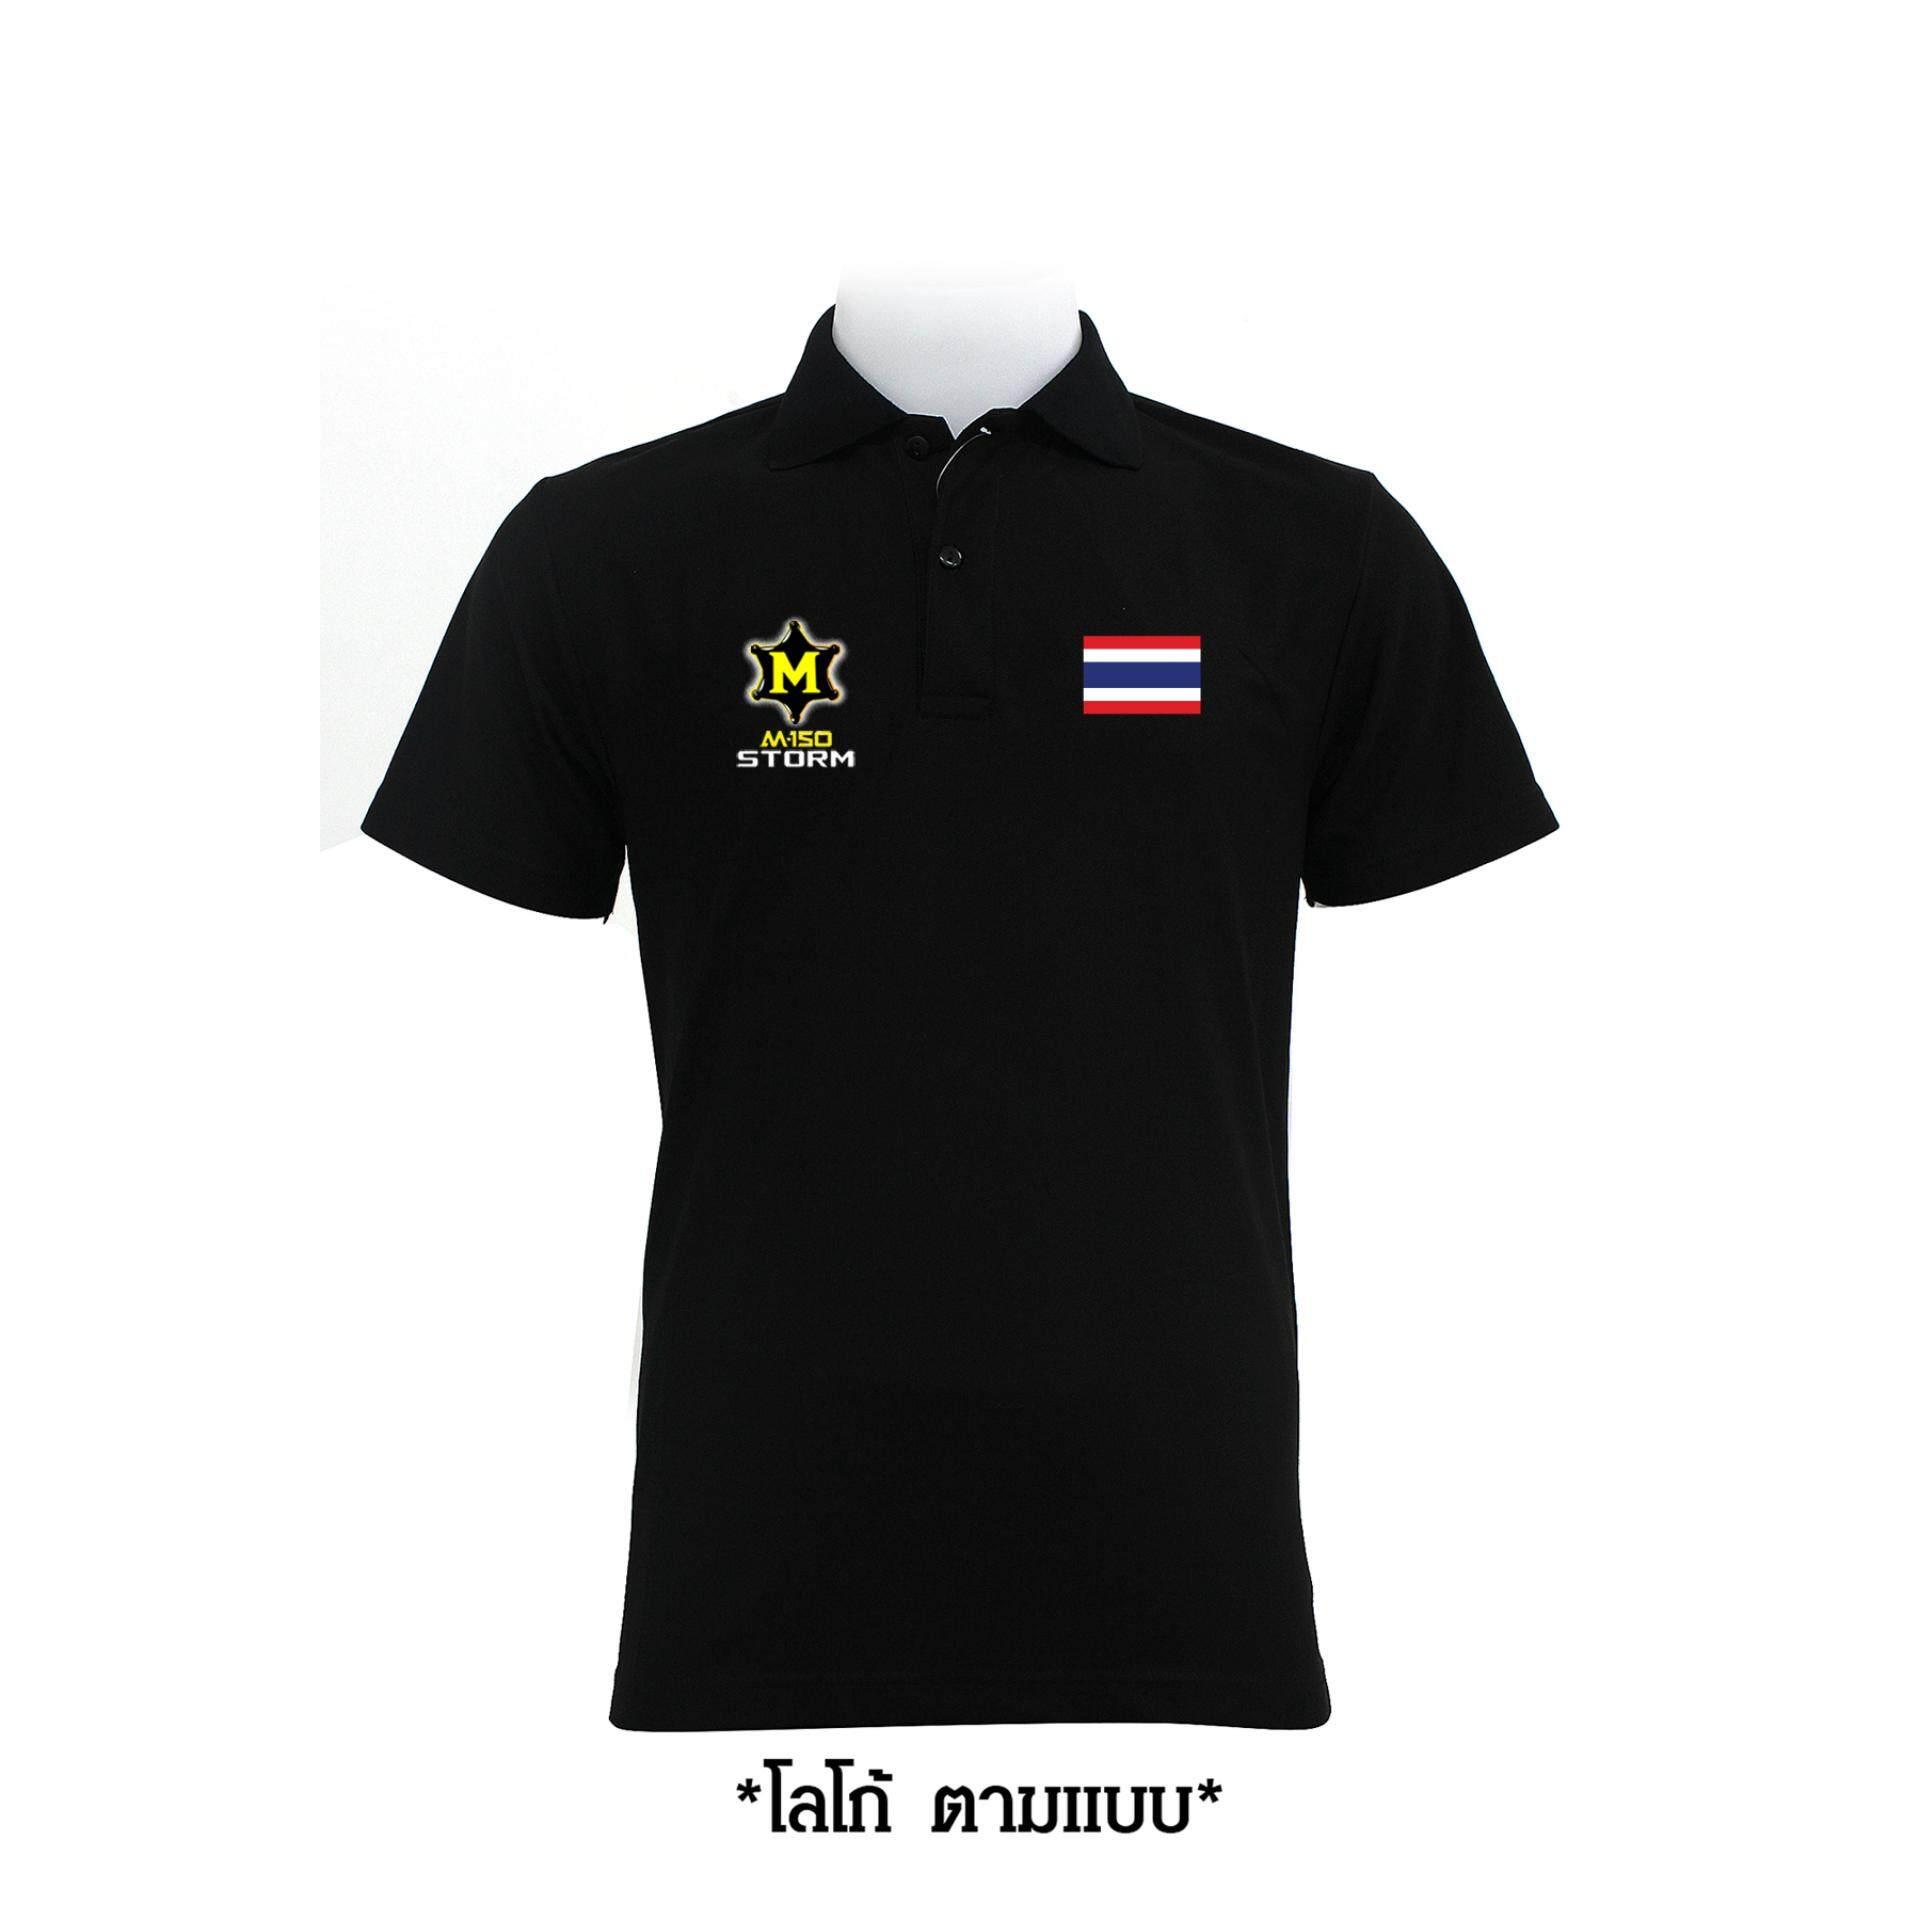 โปรโมชั่น Mheecool เสื้อโปโล Bsสีดำ Logo กรุงเทพมหานคร